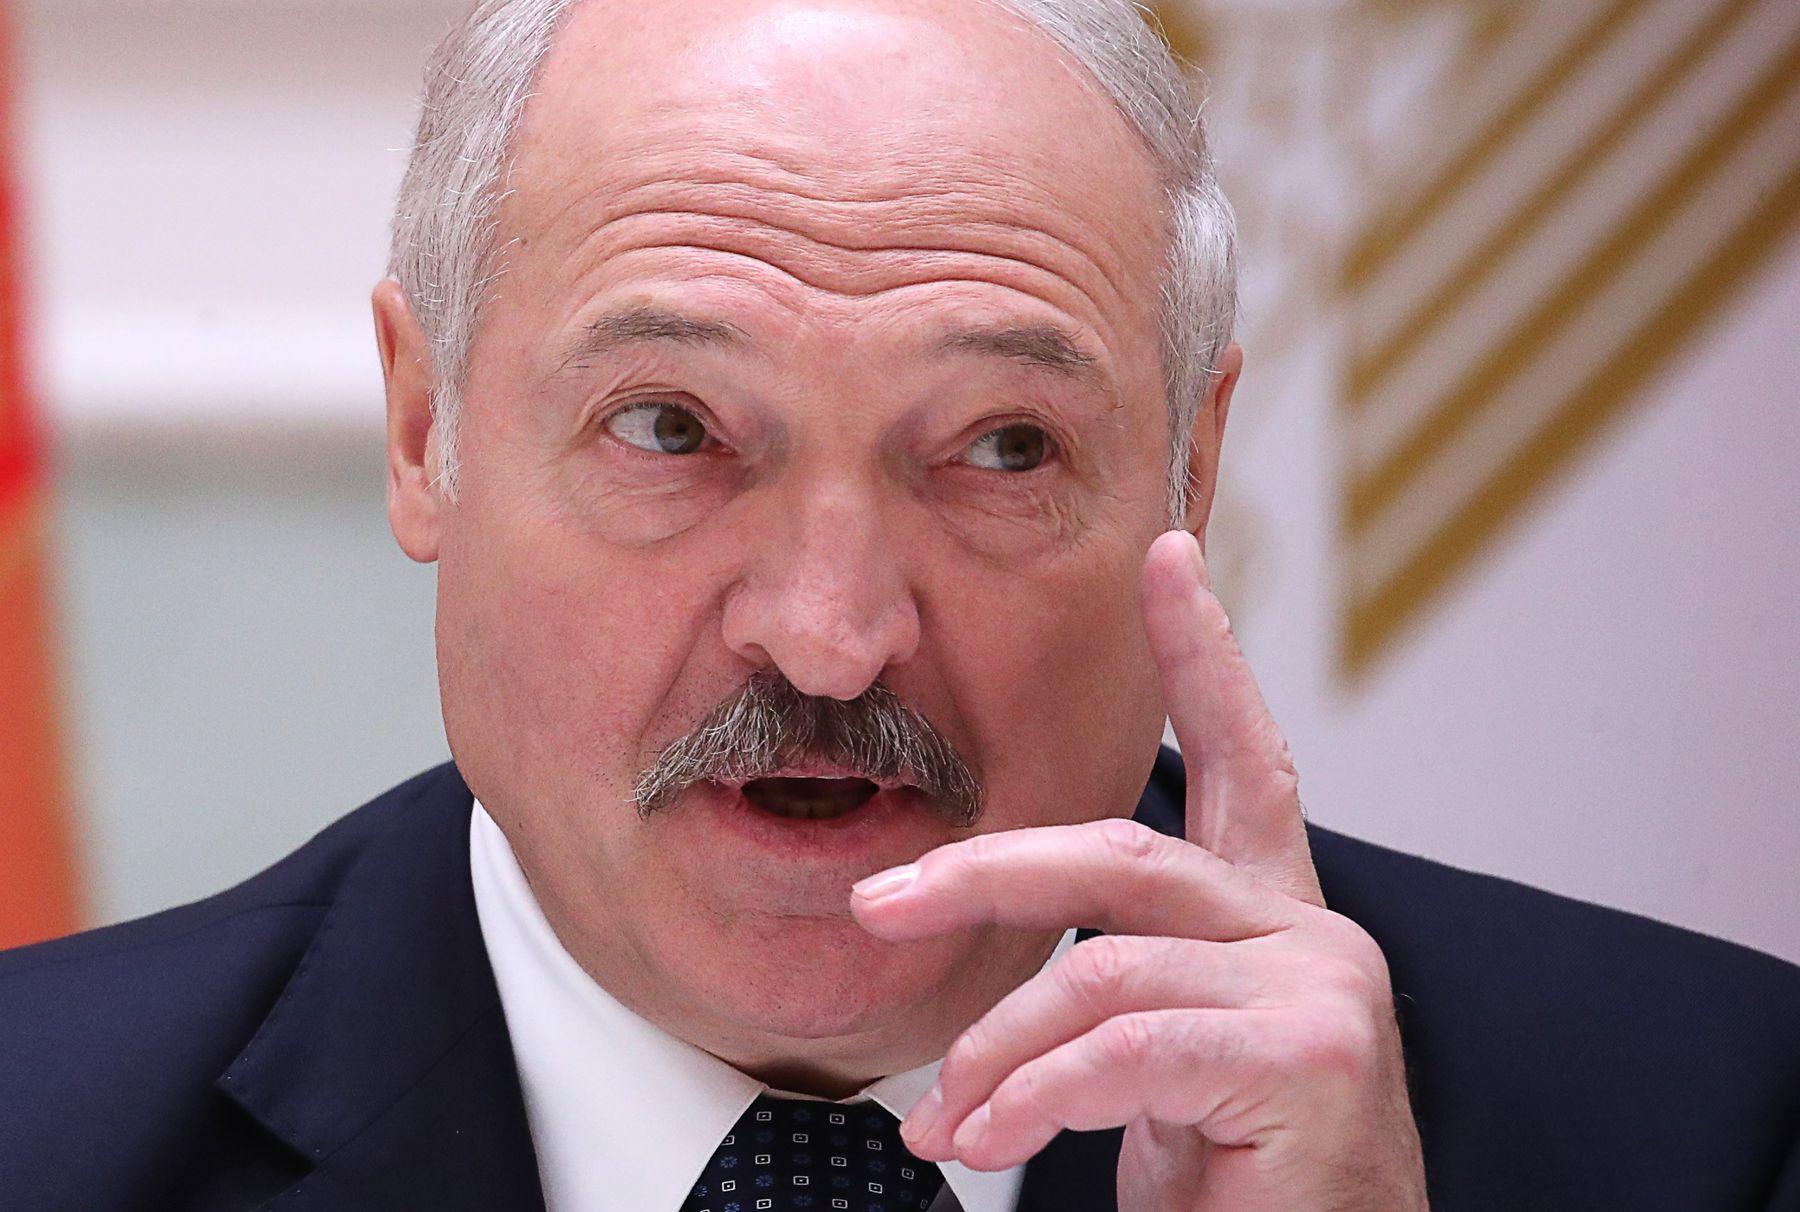 Забуксовавшую белорусскую экономику разгонят советскими методами